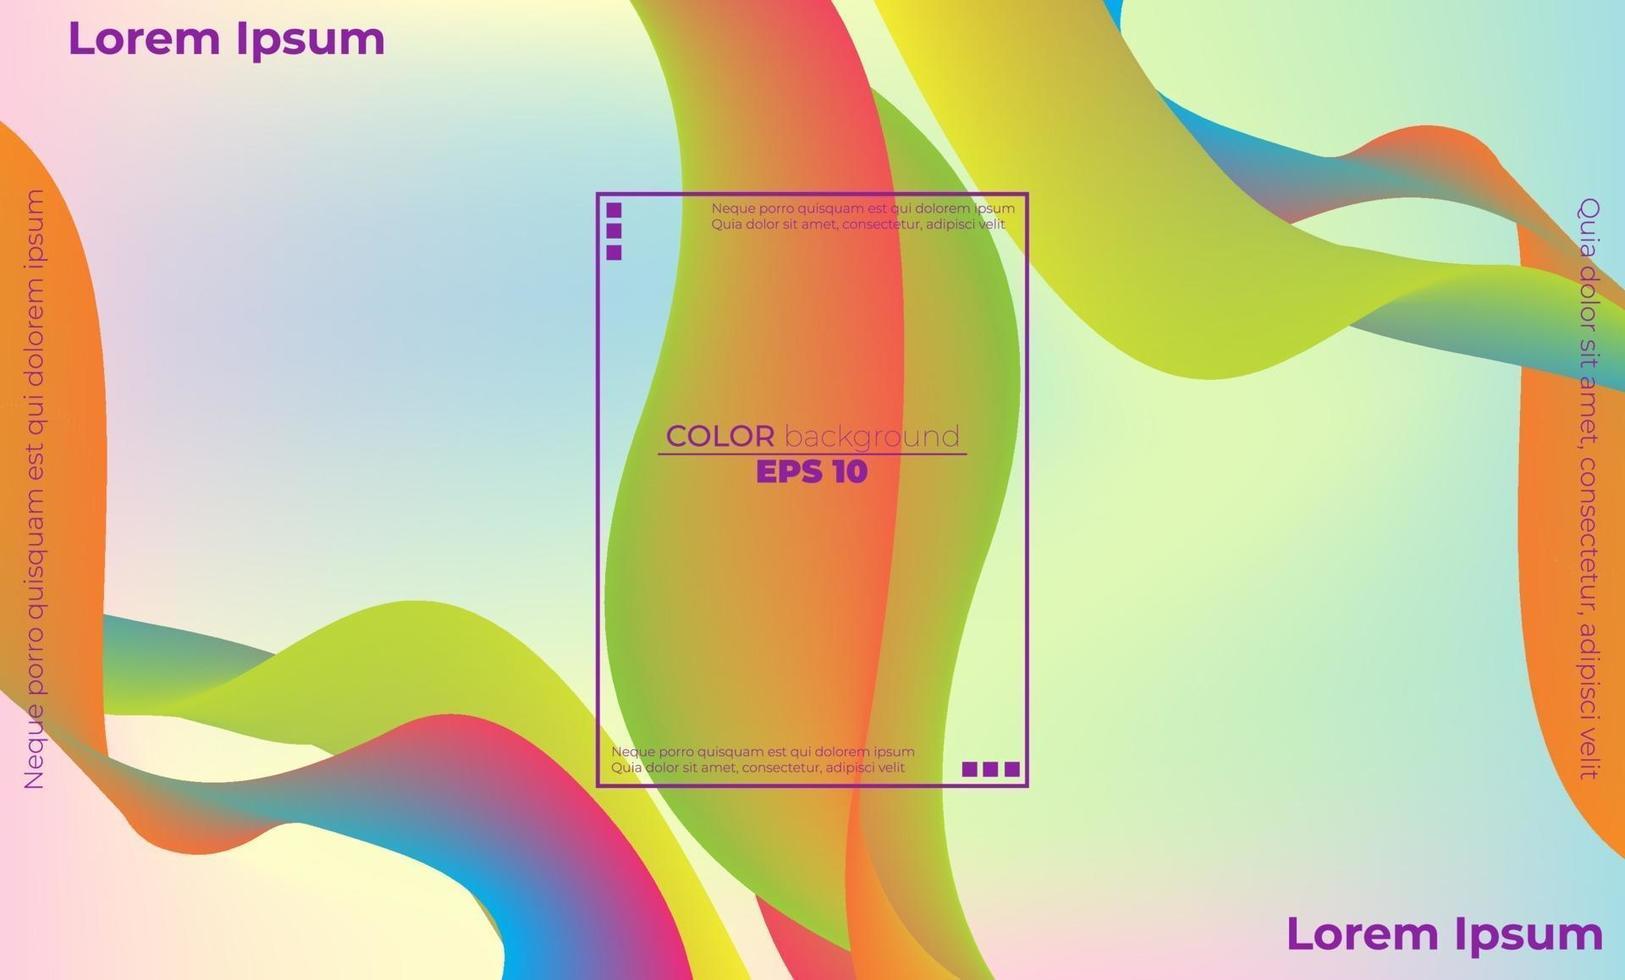 abstrakt flytande färgmönster av neonfärg flytande gradientbakgrund vektor